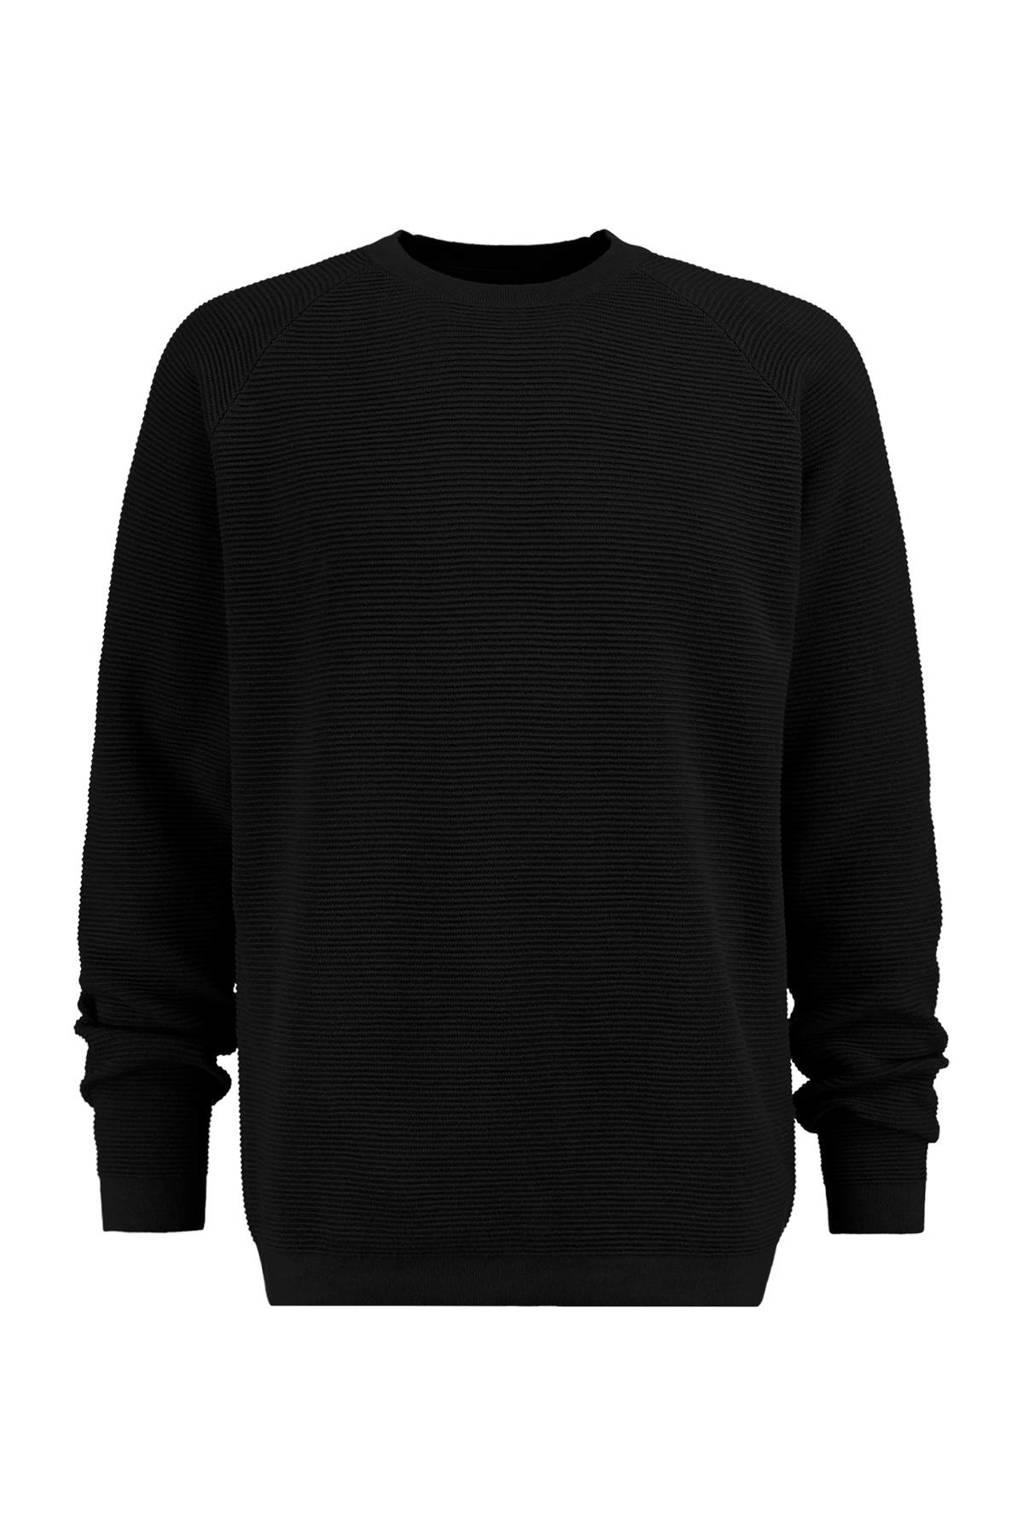 America Today trui Ken met textuur zwart, Zwart